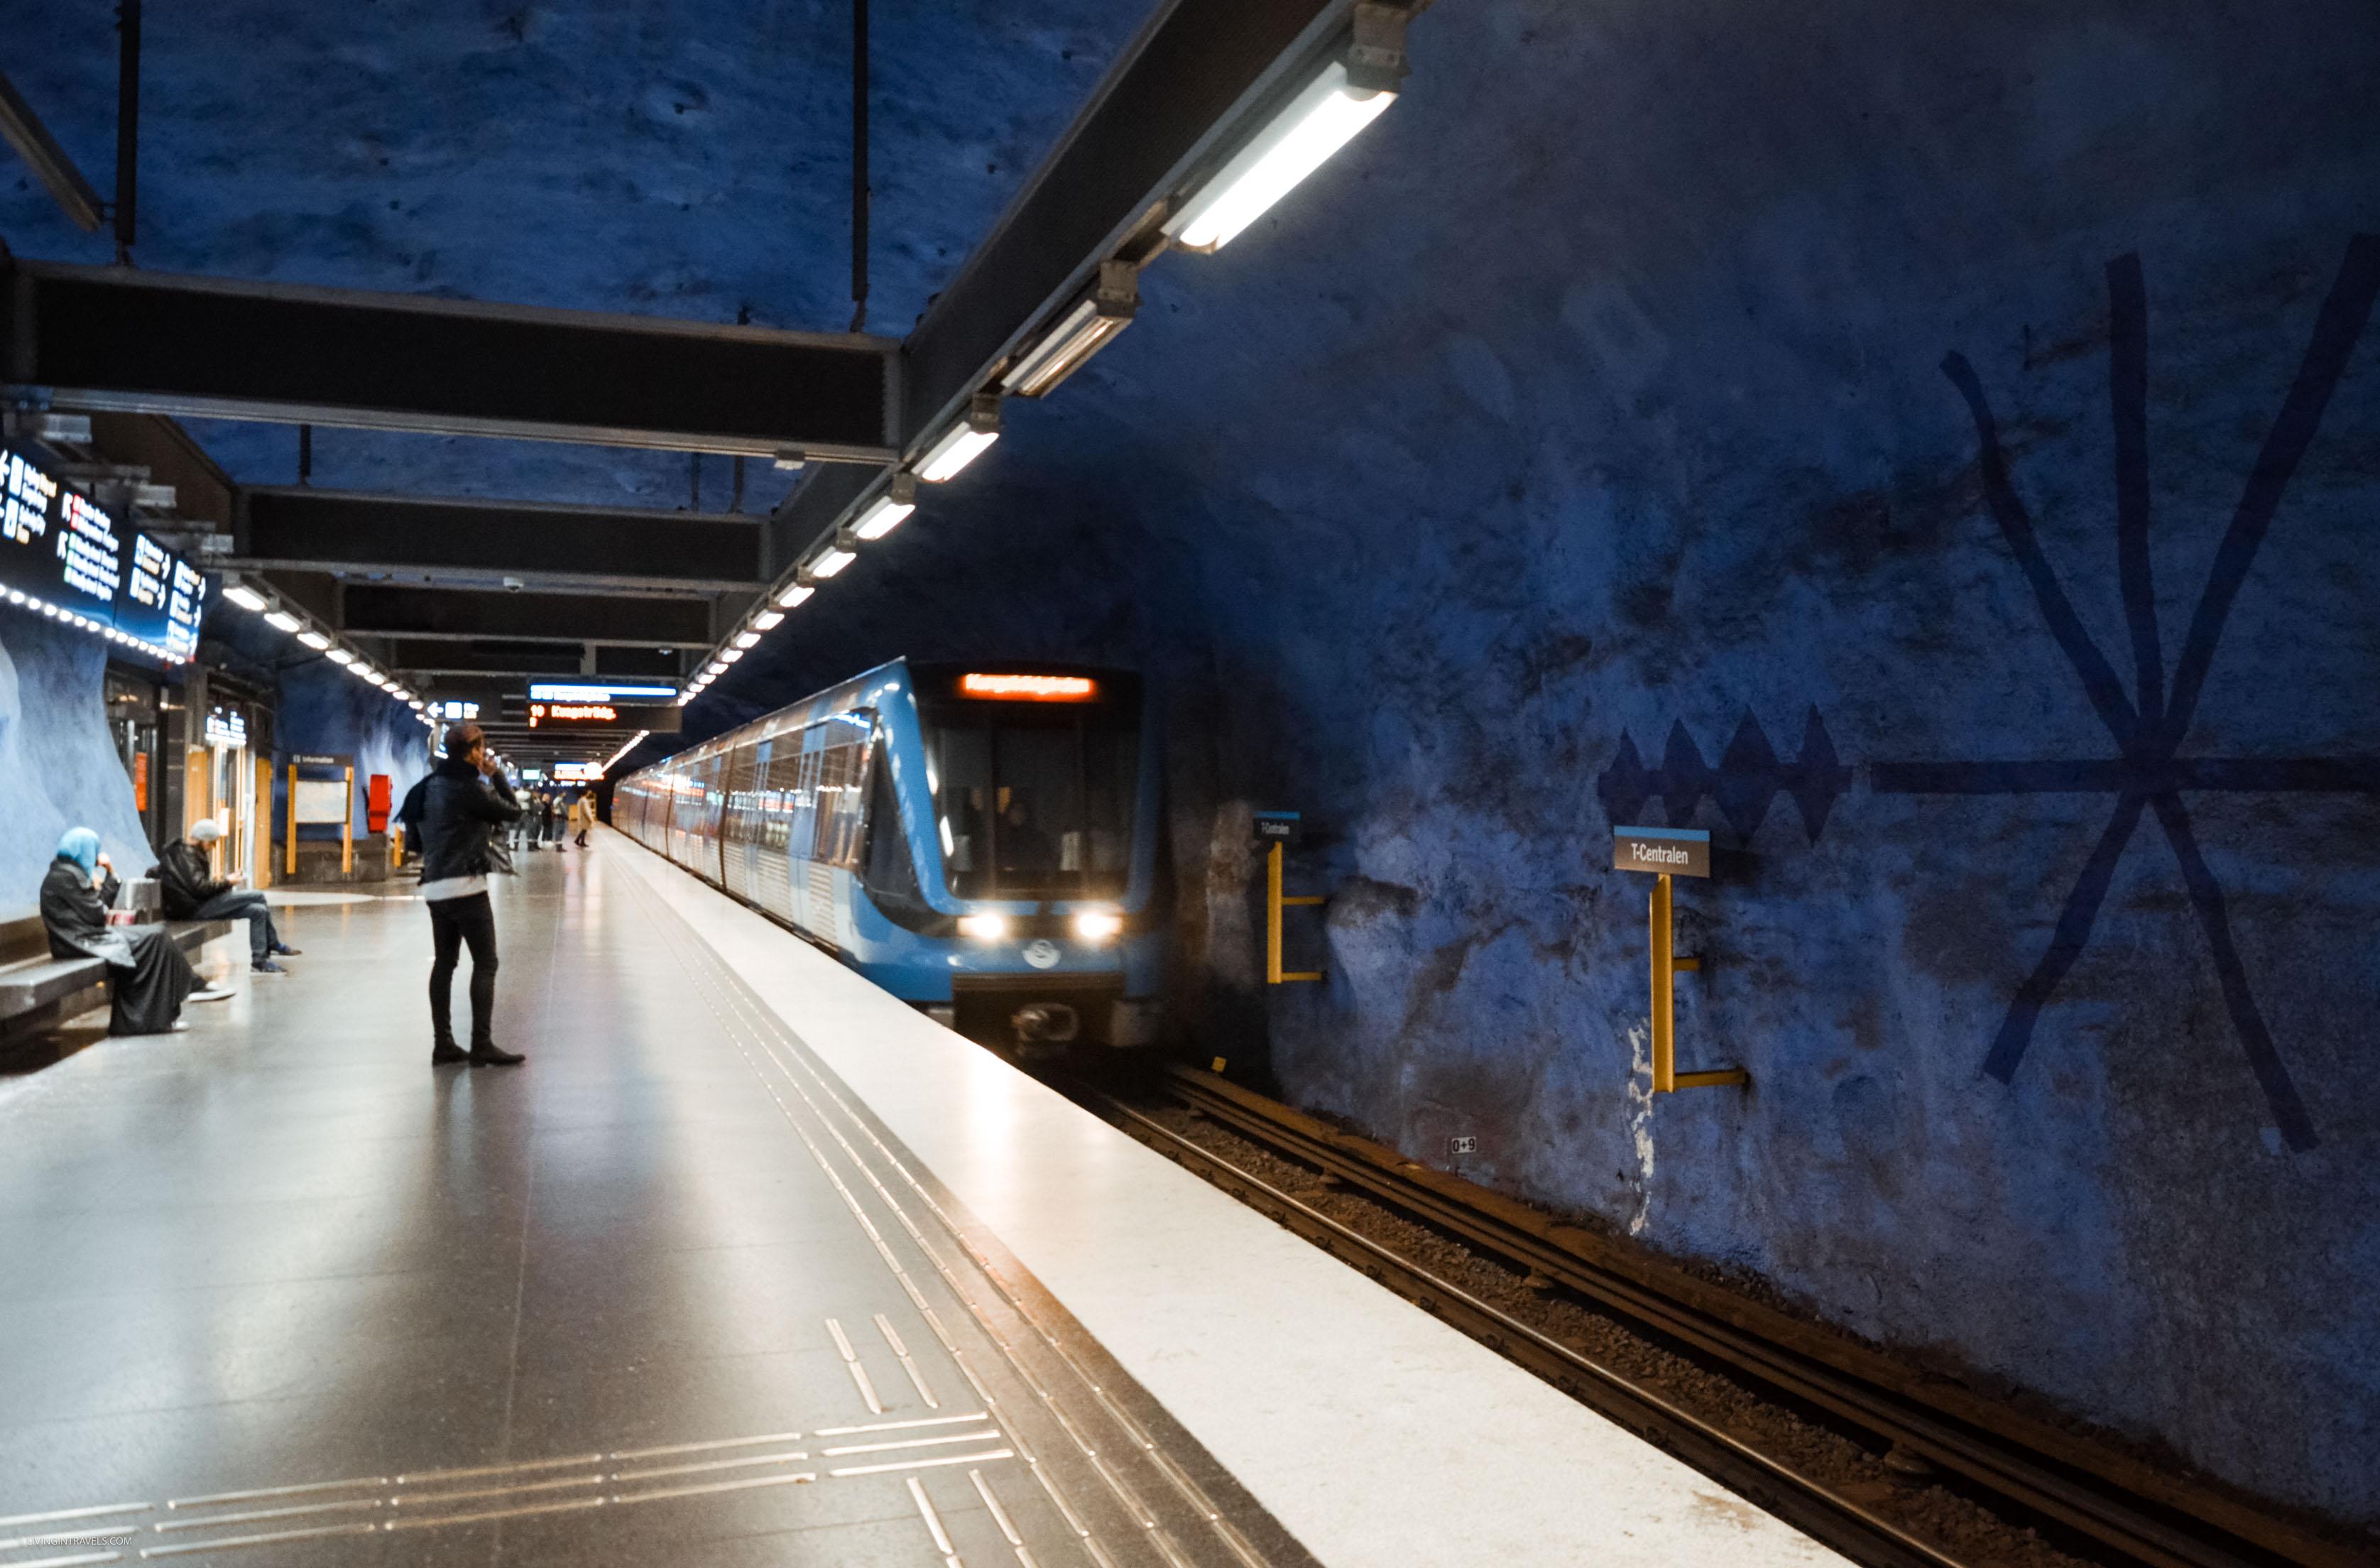 Станция T-Centralen. Арт-тур по метро Стокгольма: самые красивые станции